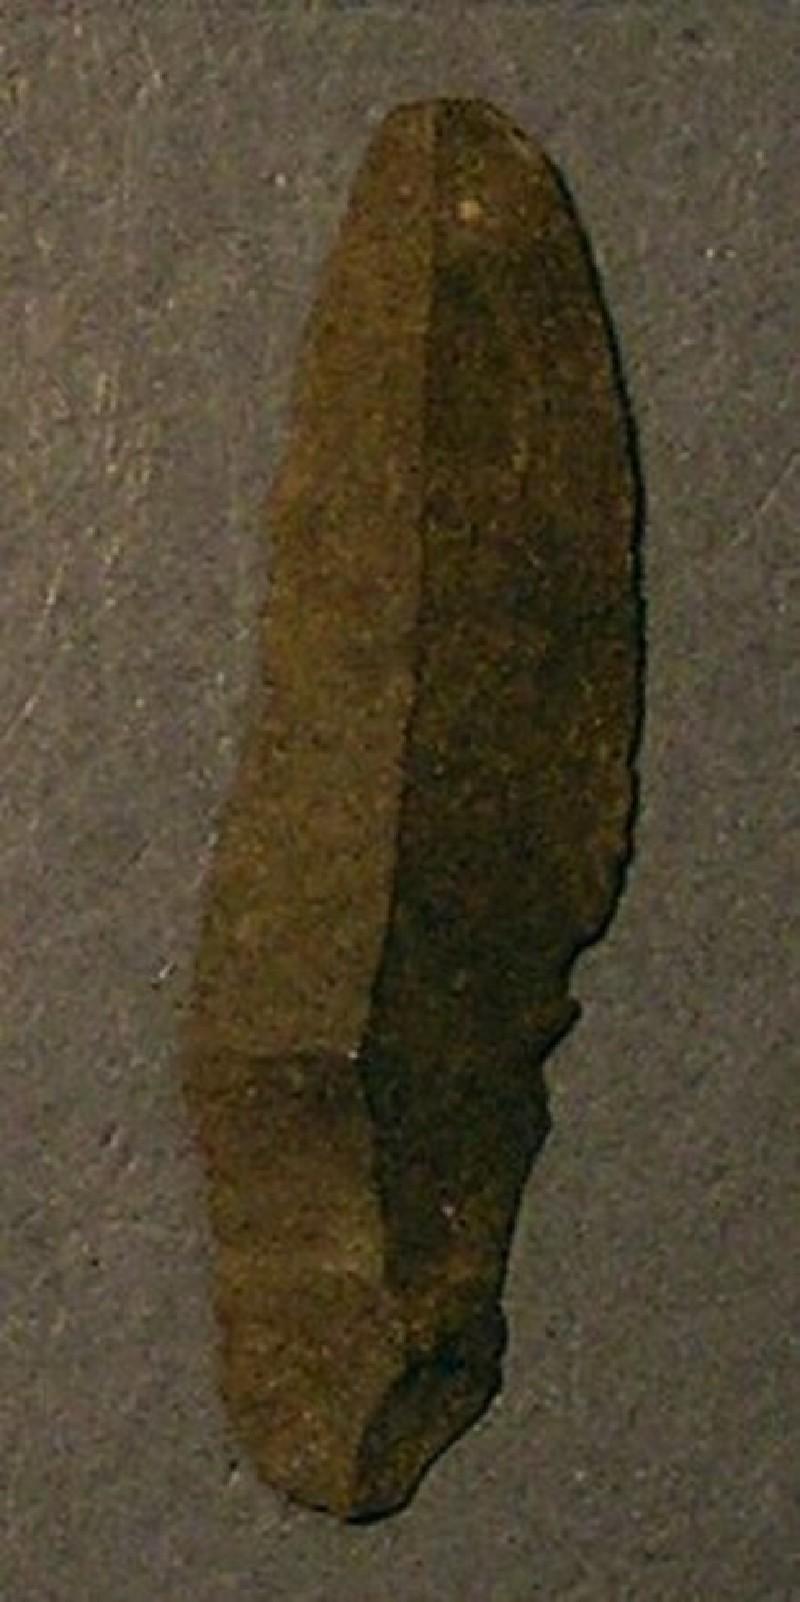 (AN1928.298.e, record shot)